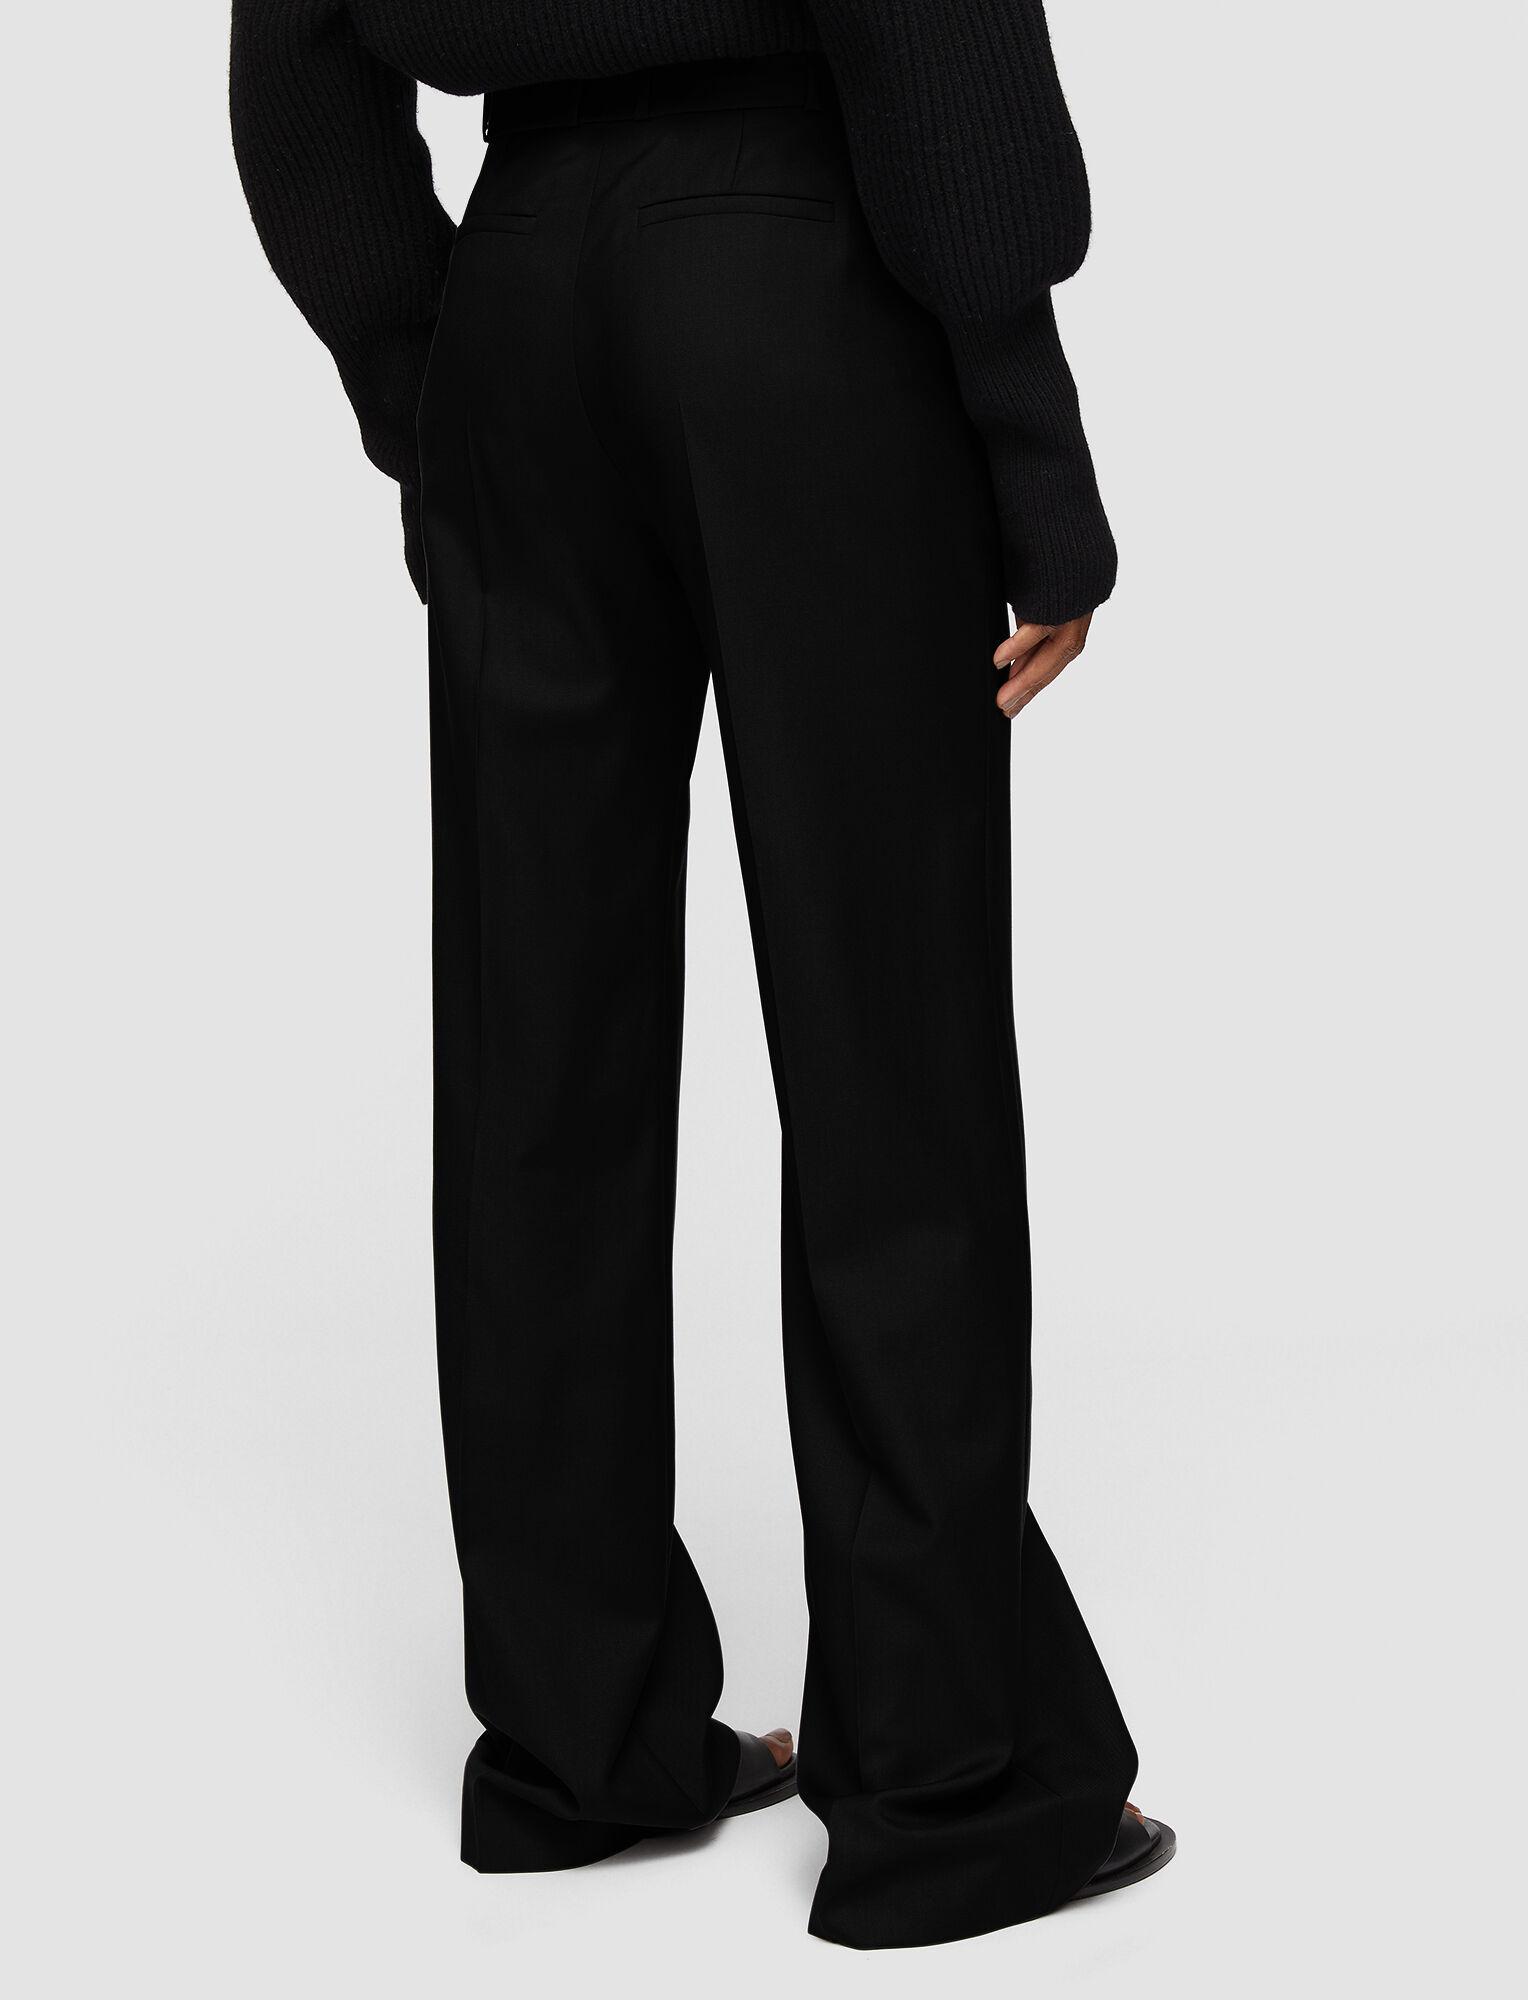 Joseph, Tailoring Wool Morissey Trousers, in BLACK